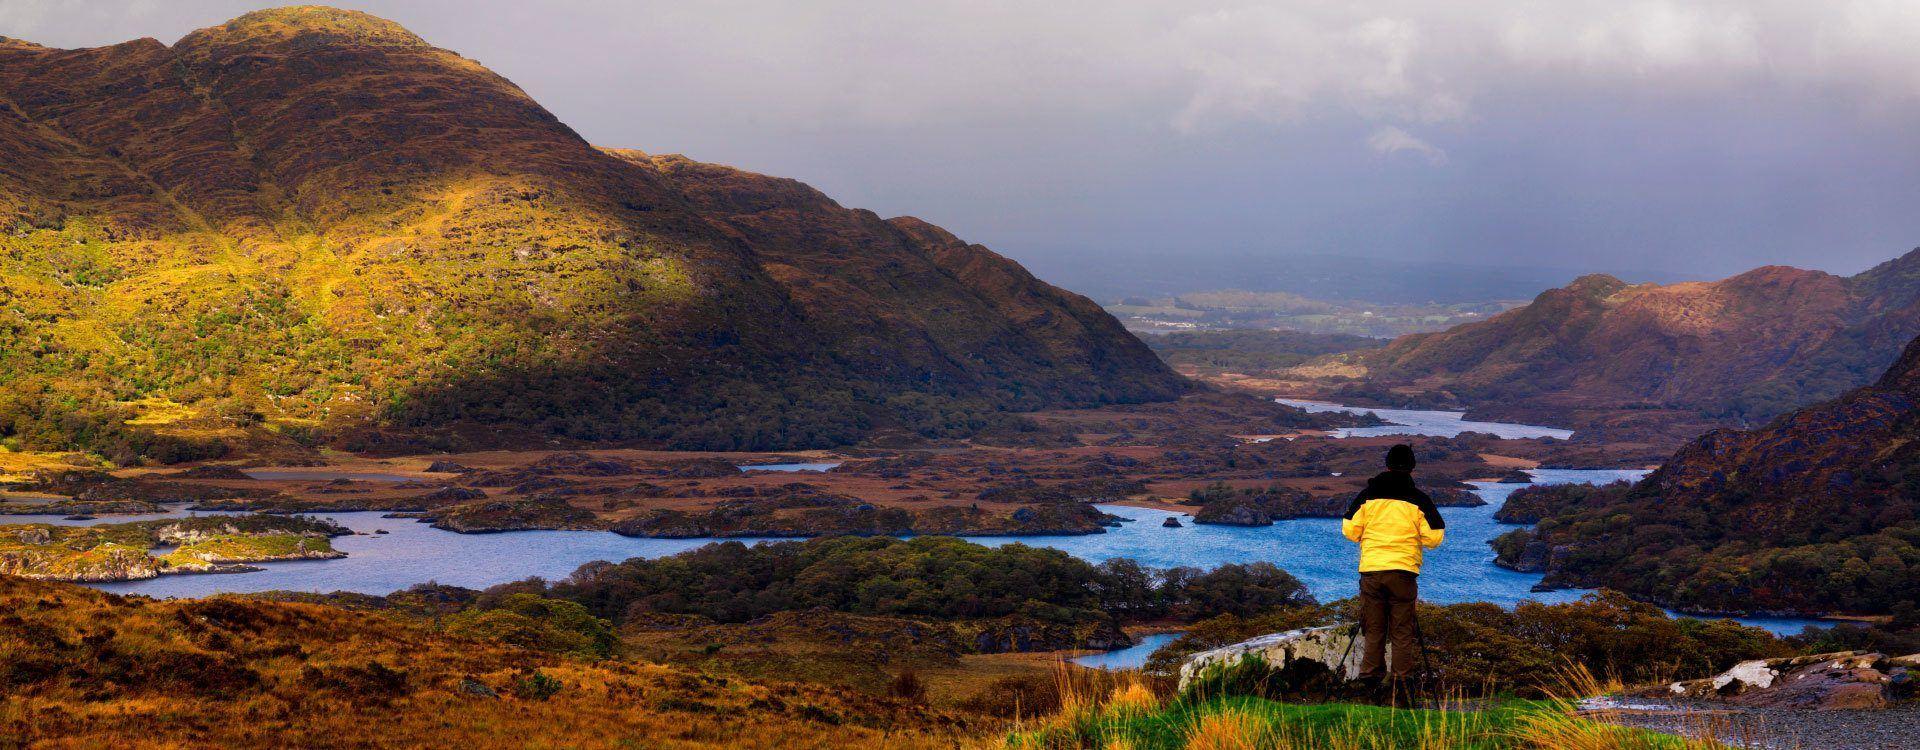 Excursión de un día al Anillo de Kerry desde Killarney